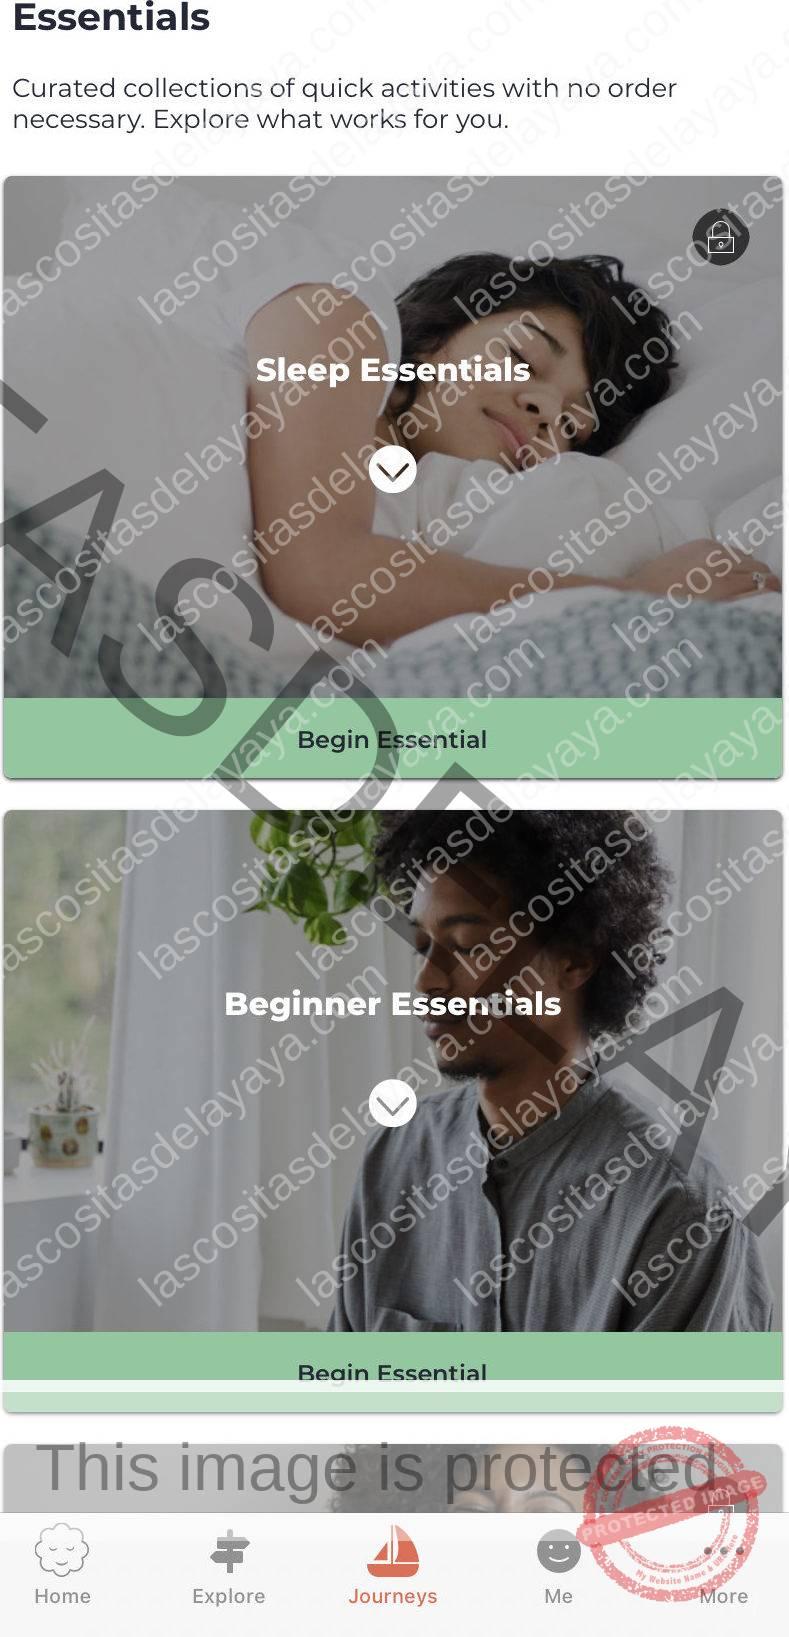 Captura de pantalla de la aplicación MyLife Meditation